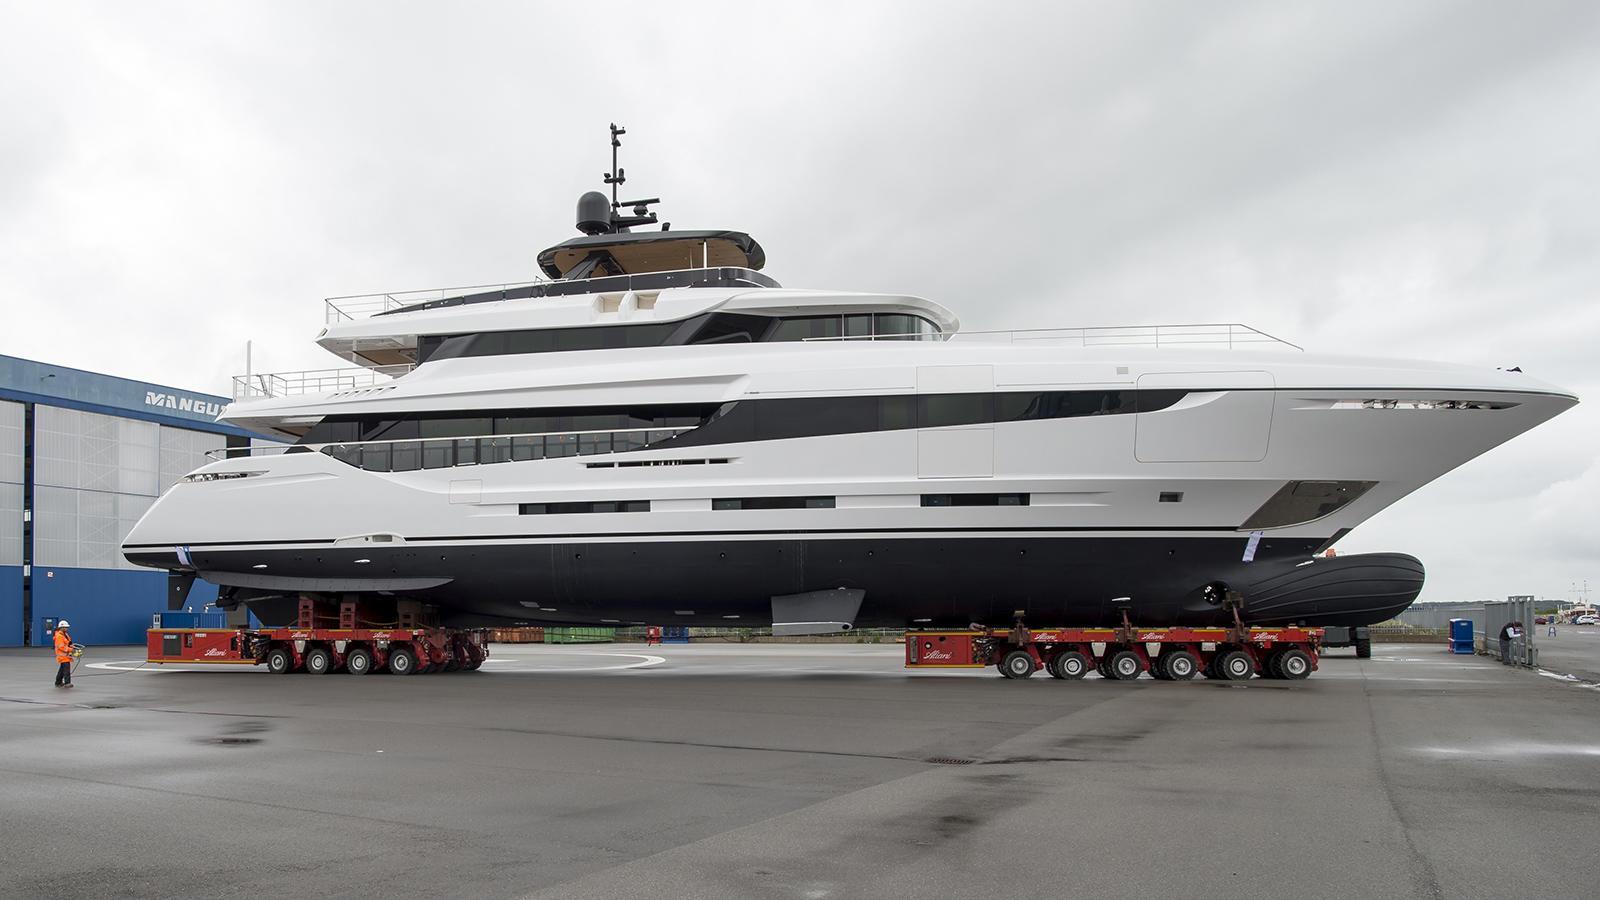 namaste motoryacht overmarine oceano 42 2016 43m launch